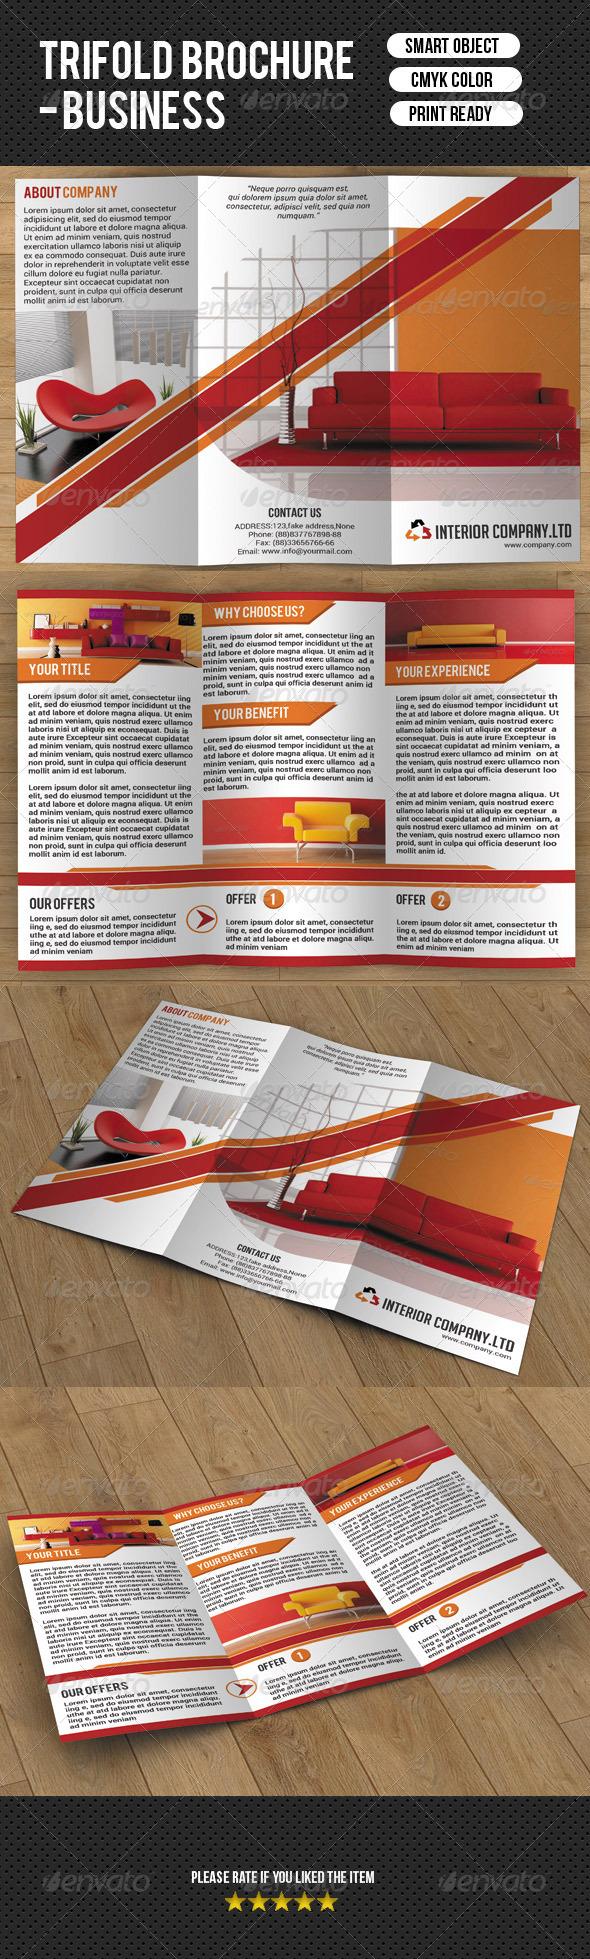 Trifold Brochure-Interior Design